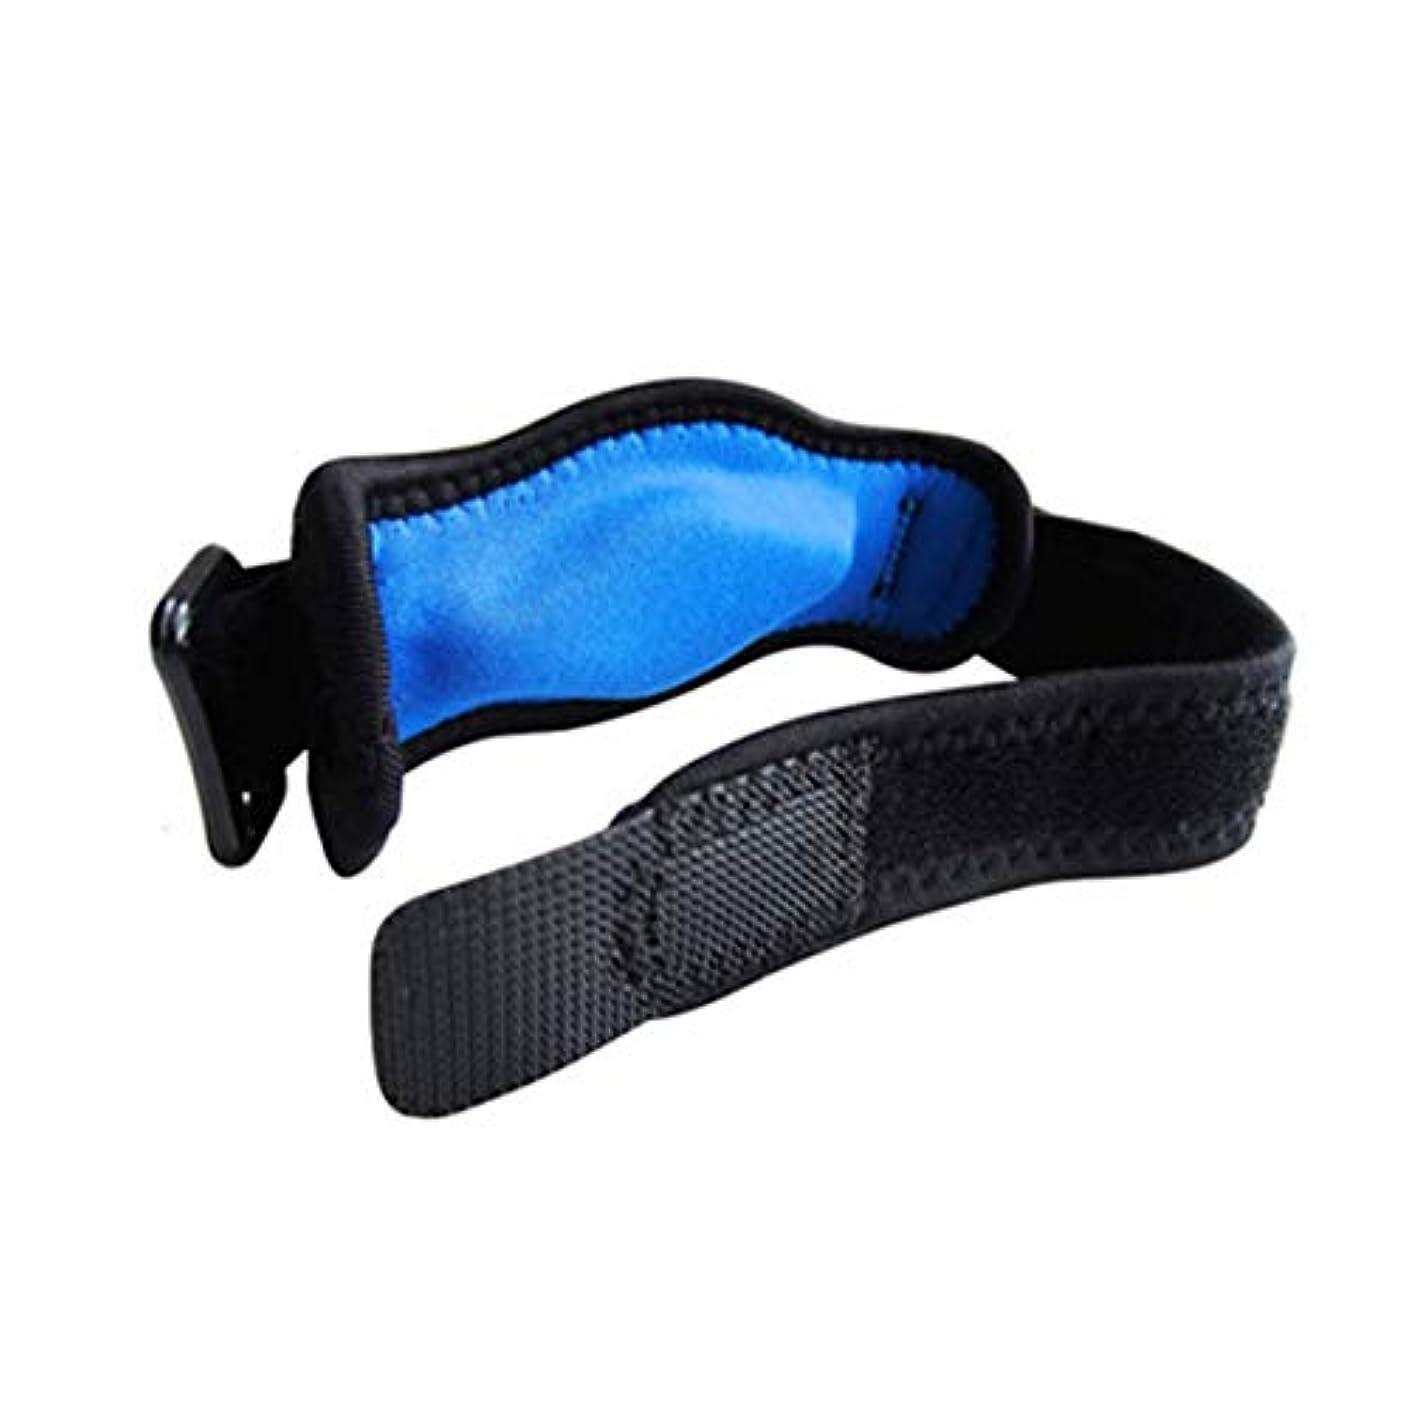 権威富豪感情調整可能なテニス肘サポートストラップブレースゴルフ前腕の痛みの軽減-ブラック